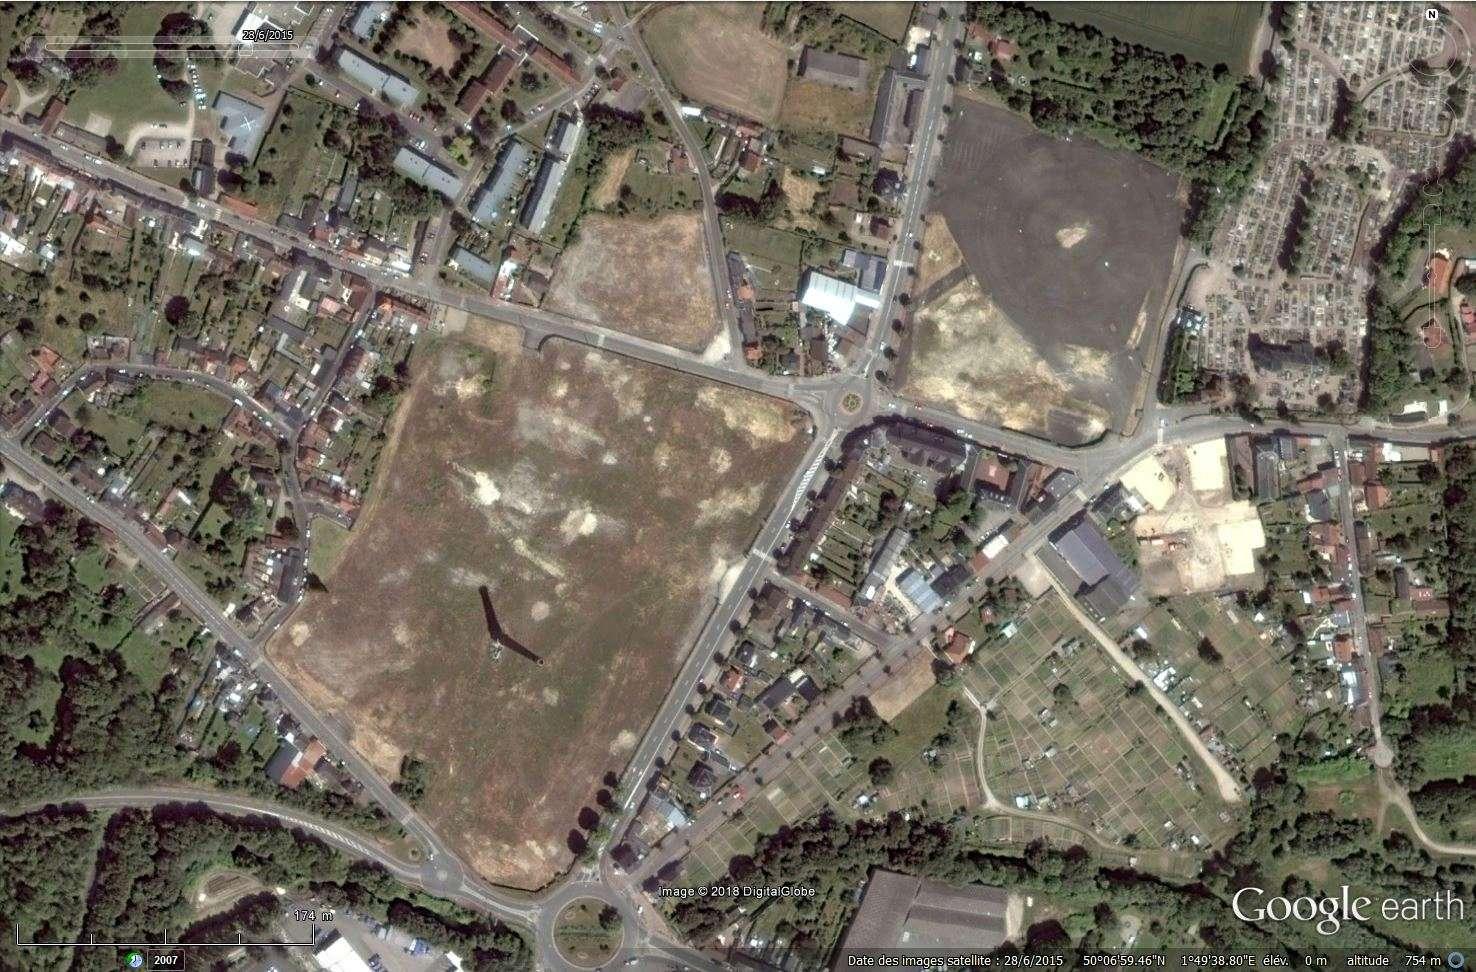 [Bientôt visible sur Google-Earth] Futur quartier de la sucrerie à Abbeville, Somme Tsge_526